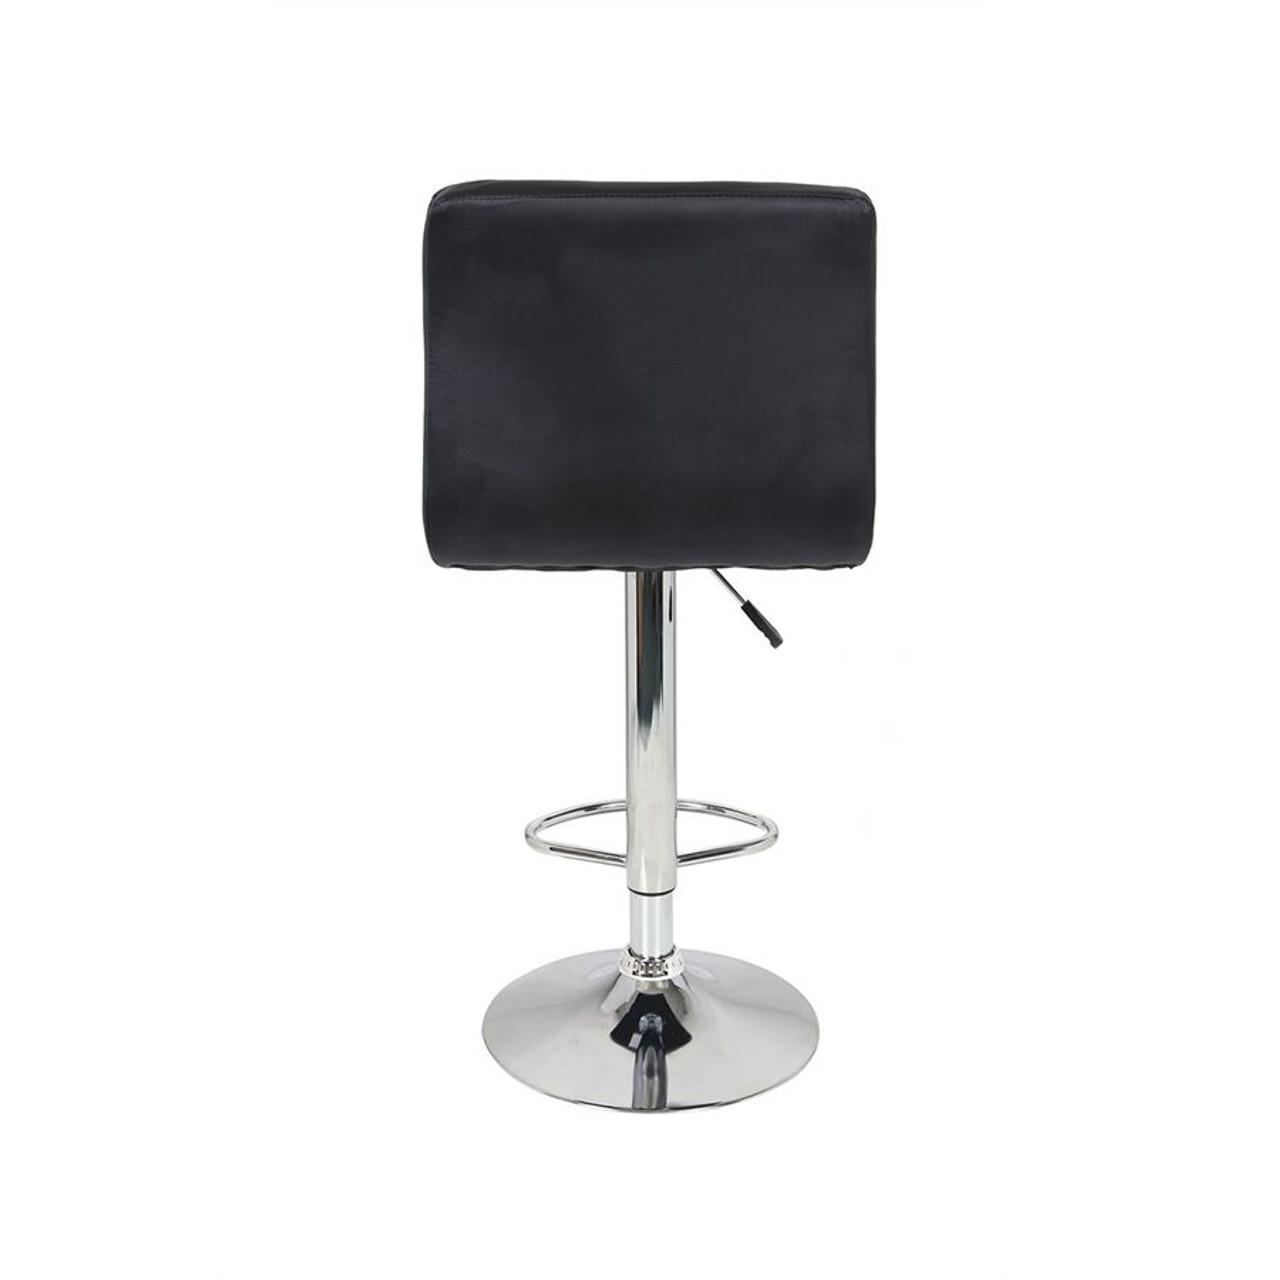 Set of 2 Adjustable Swivel Bar Stools Black Color